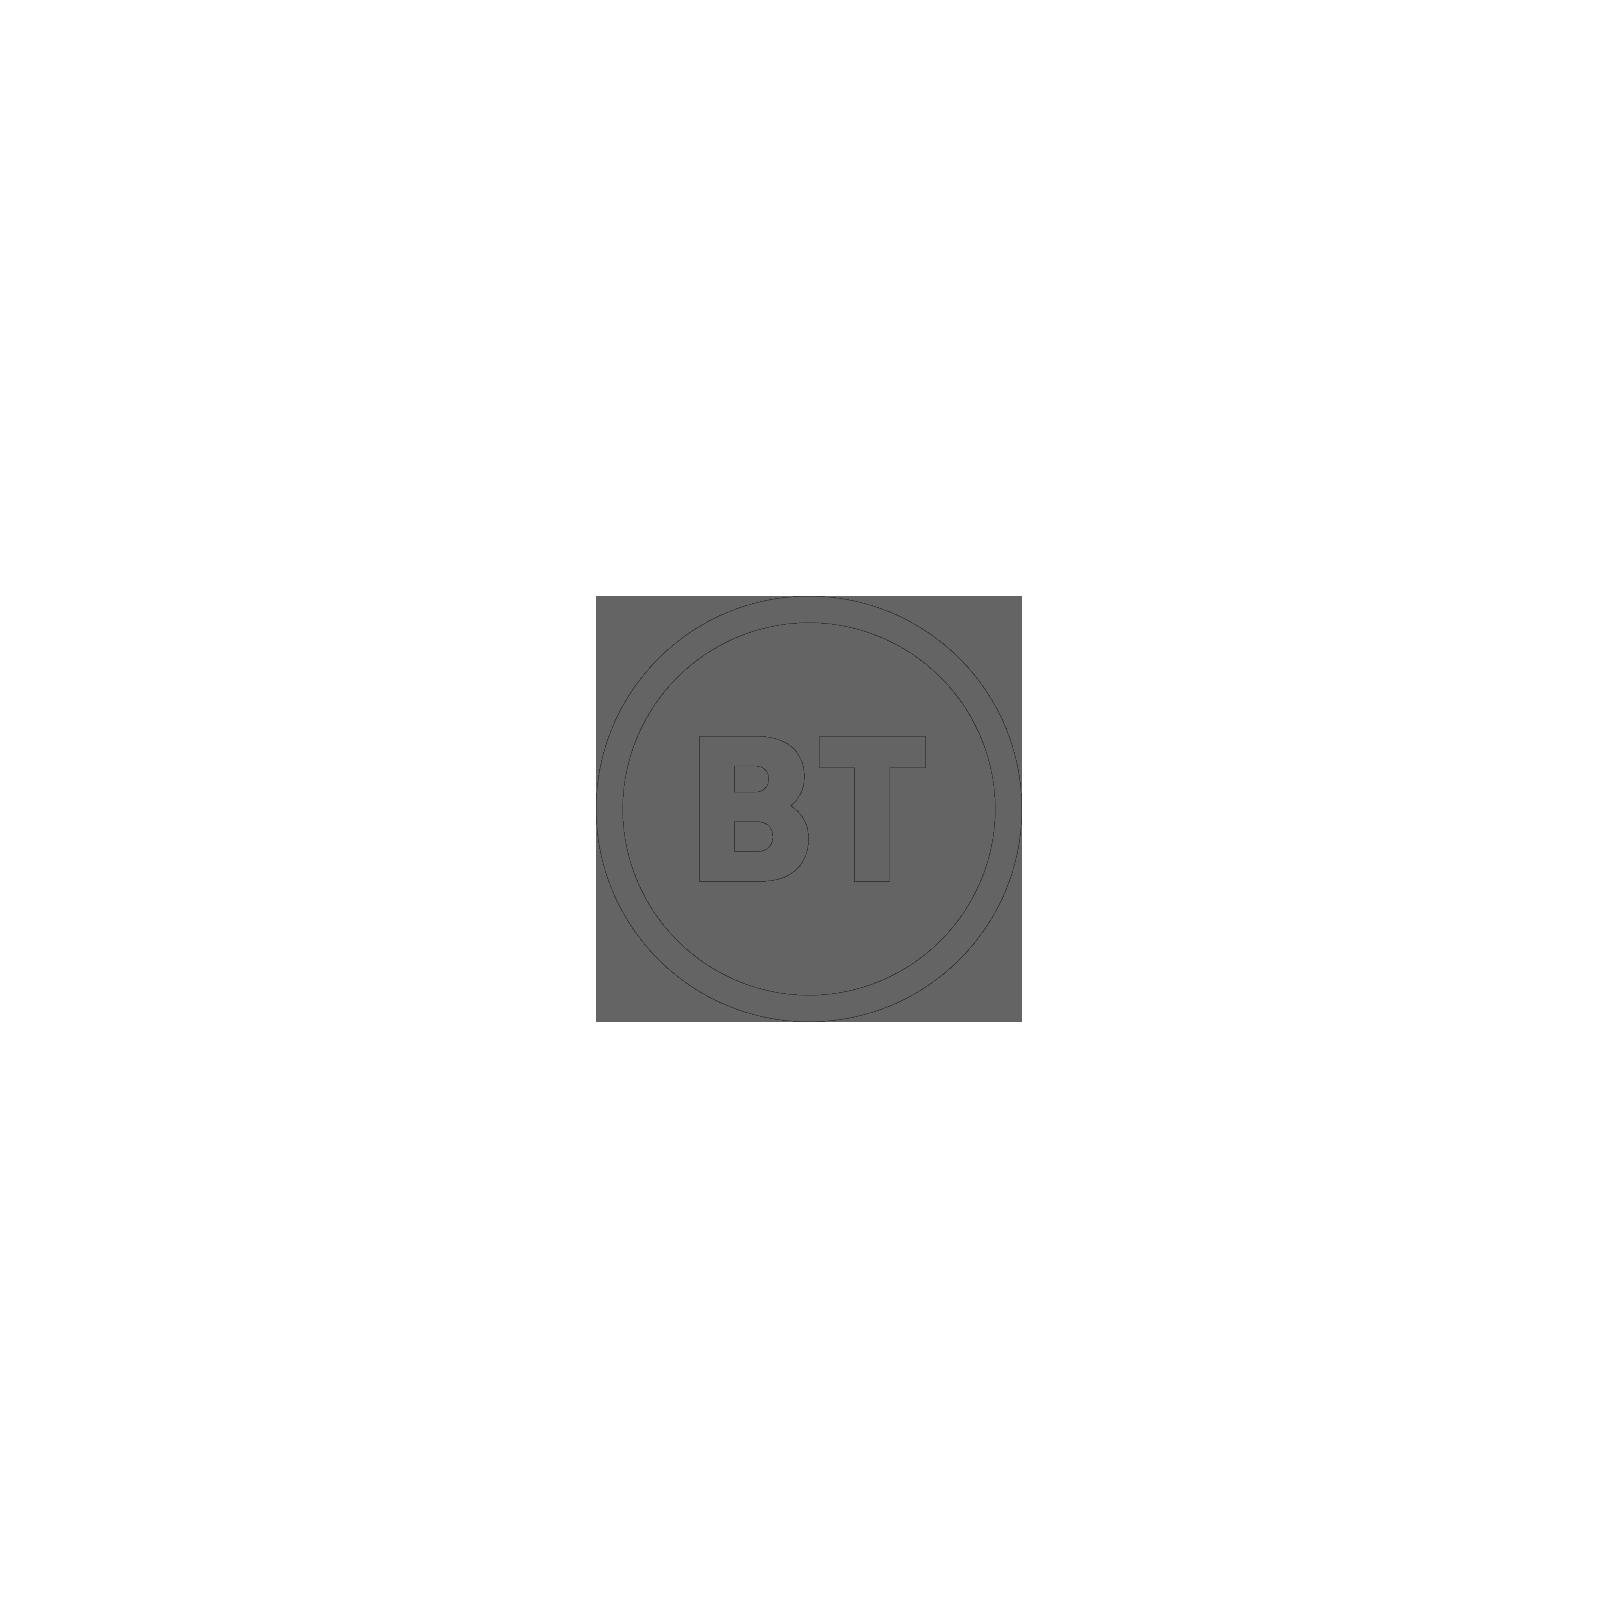 BT RMG